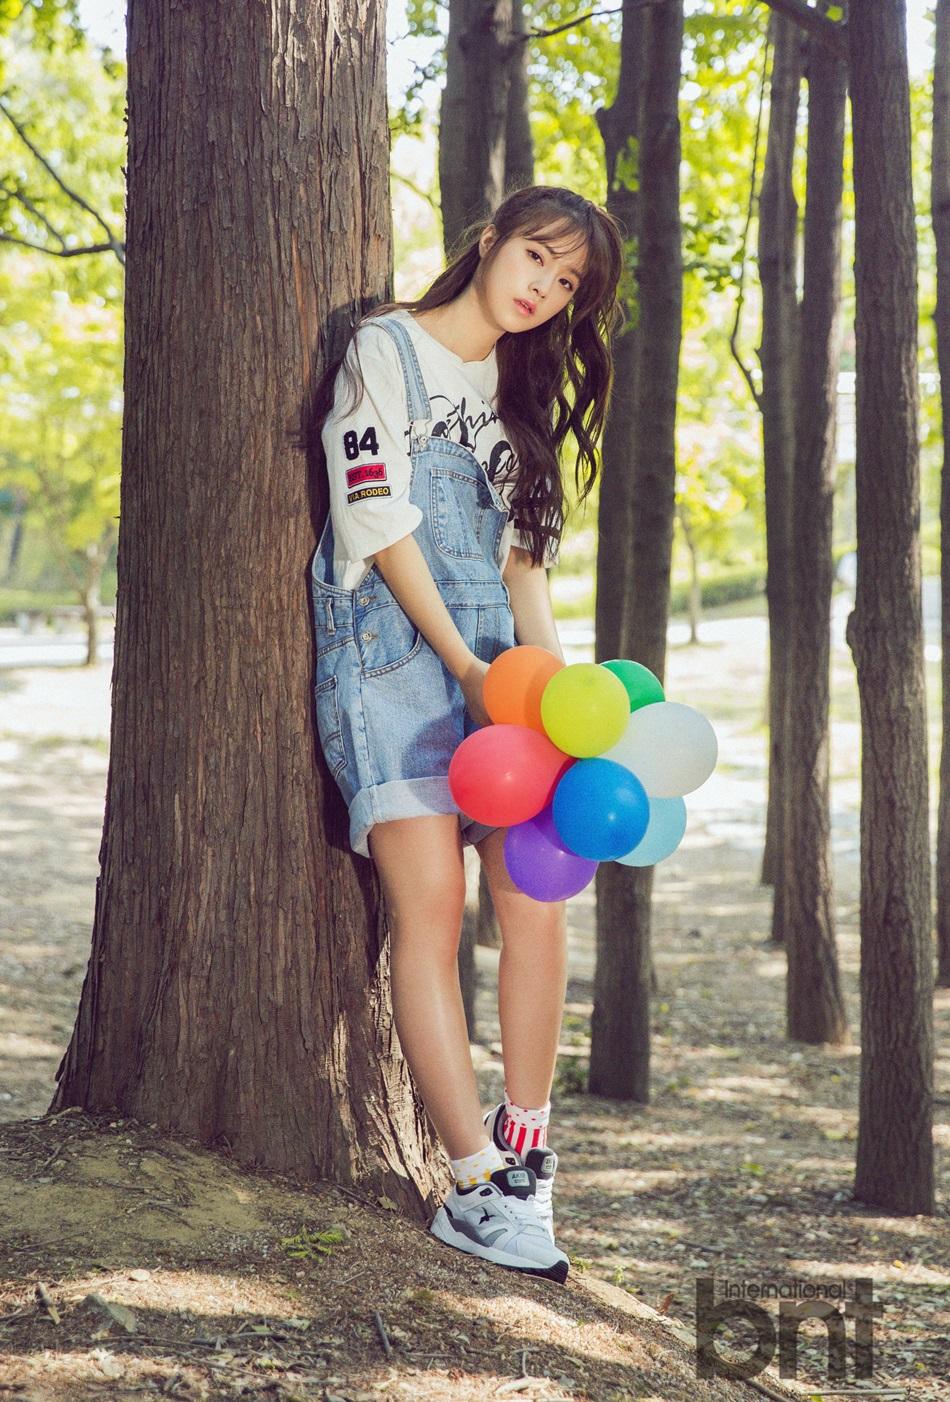 歌手苏宥美拍写真 邻家少女放飞五彩气球